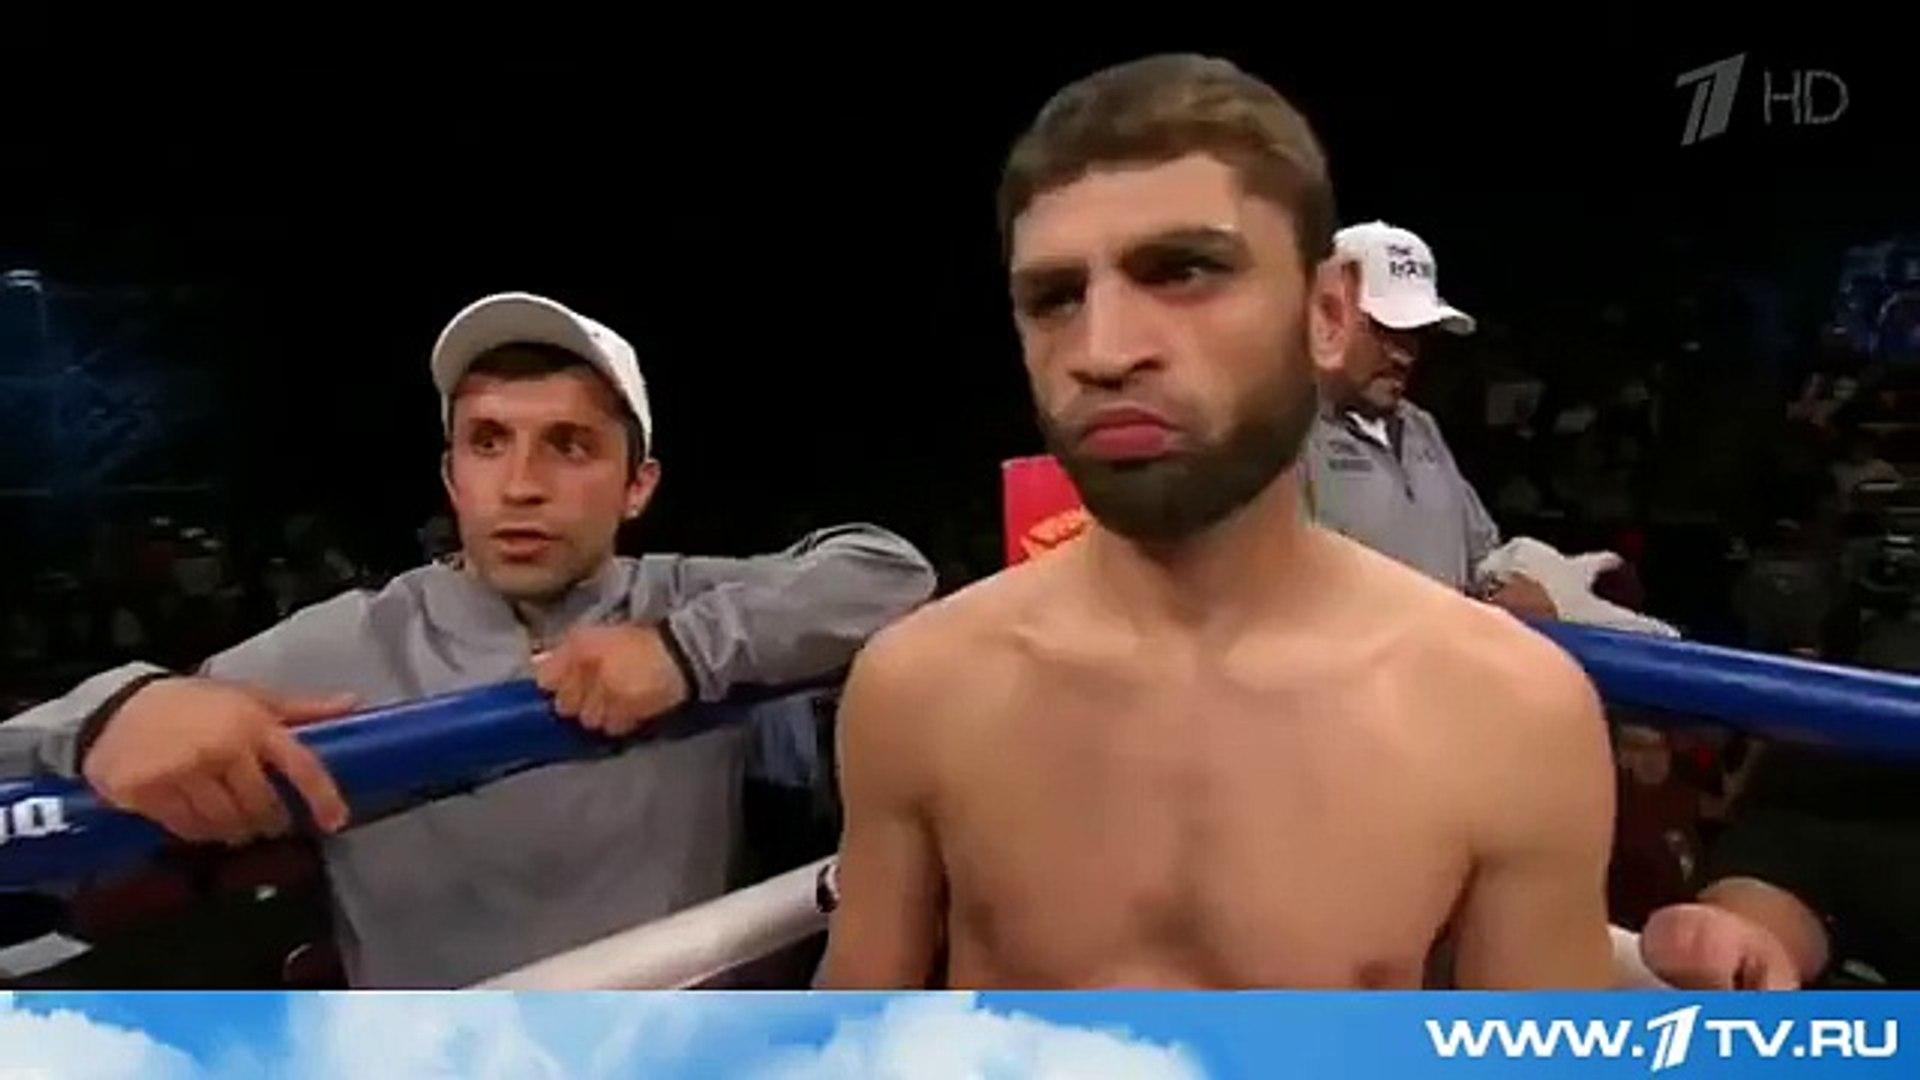 Первый канал покажет бой российского боксера Хабиба Аллахвердиева и американца Эндриэна Бр